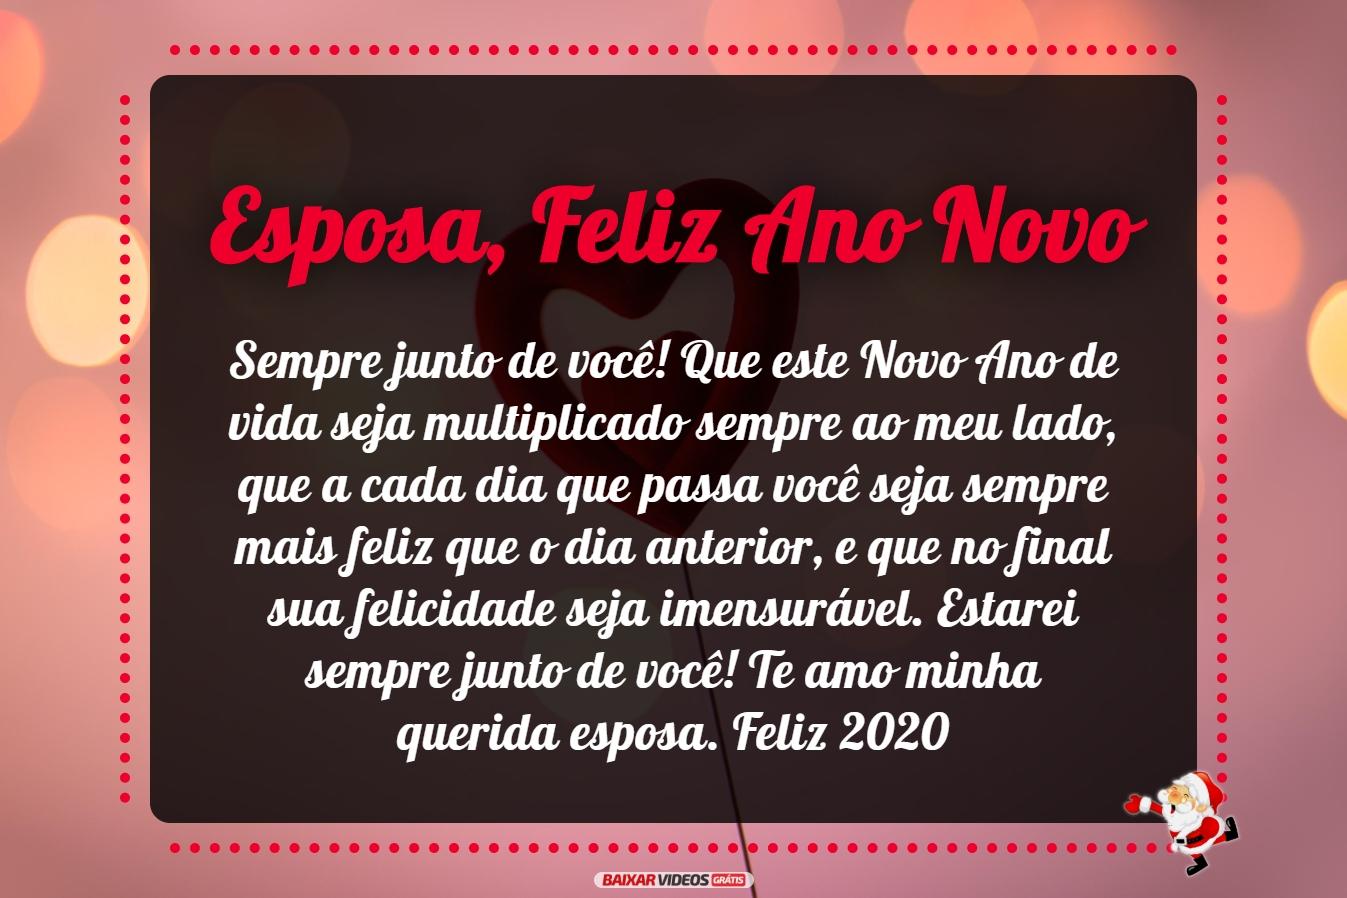 Querida e amada esposa, Feliz Ano Novo